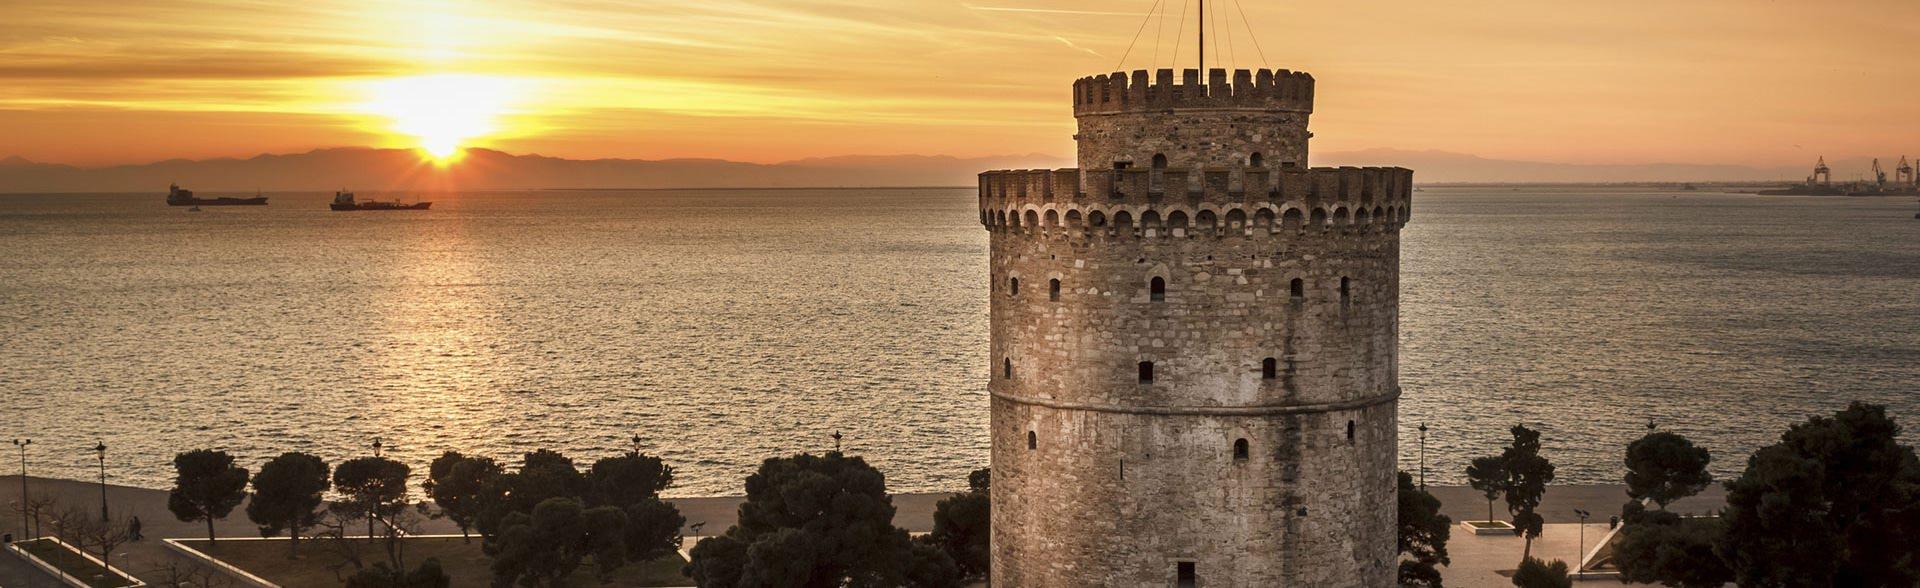 Thessaloniki-sunset slider